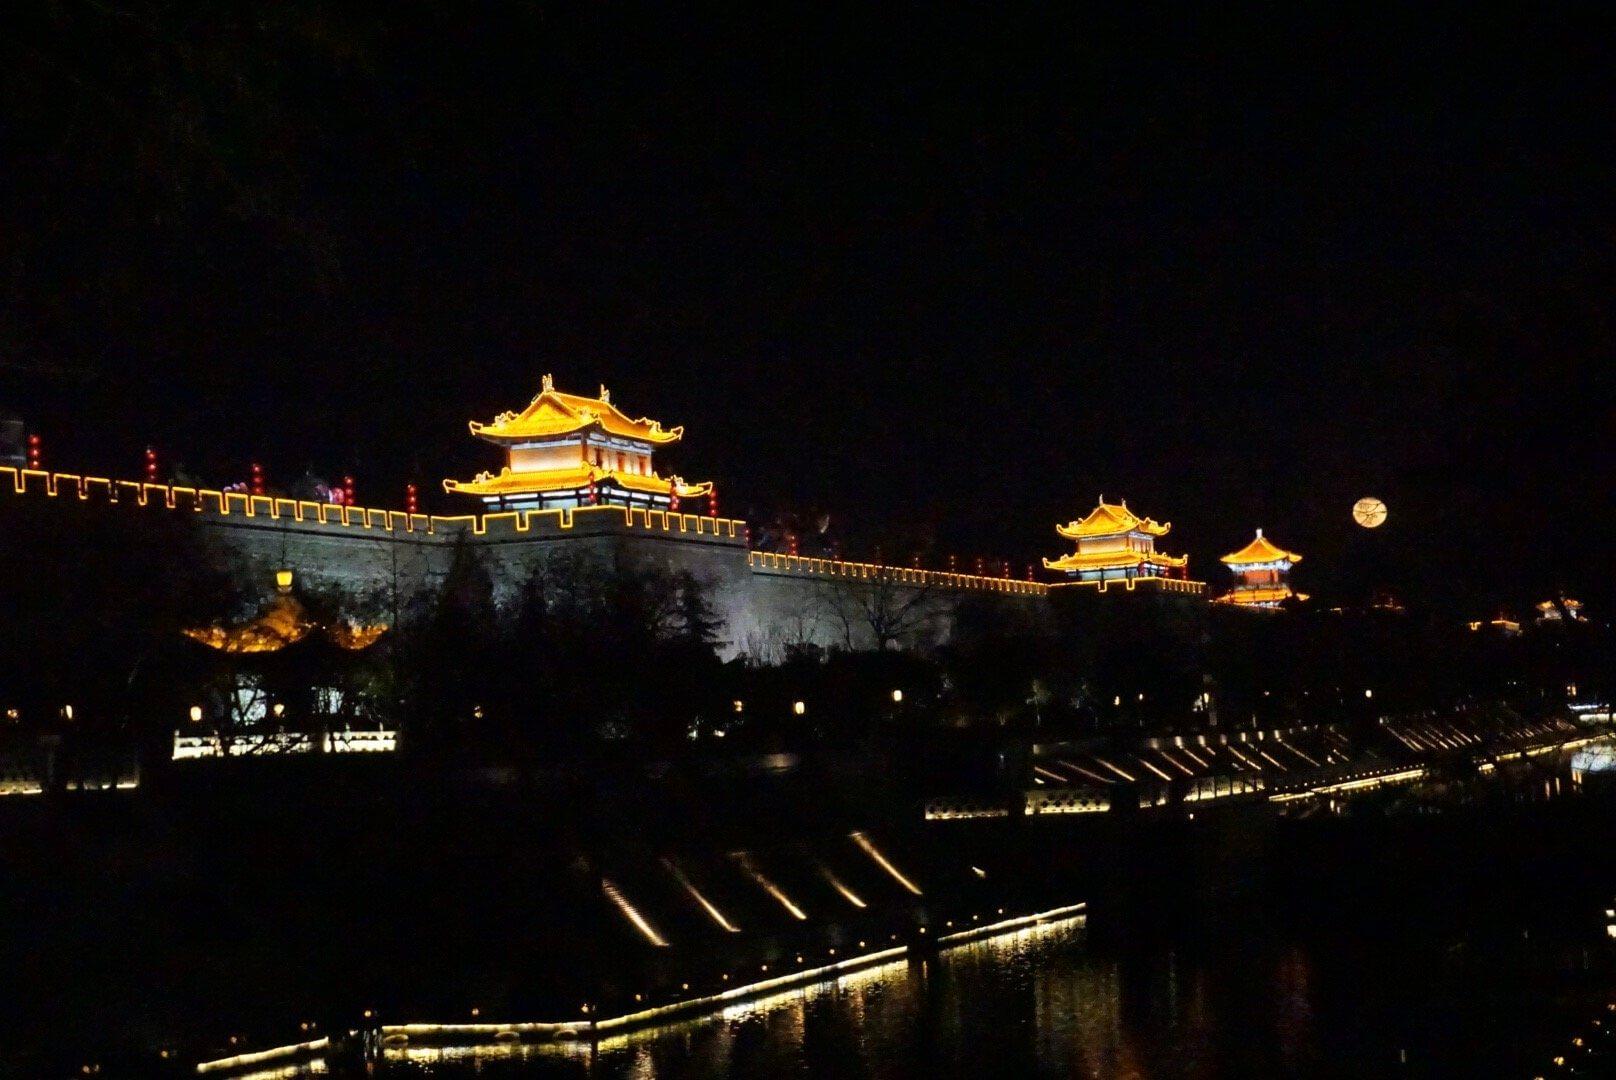 Xian de nuit en chine rempart illuminés